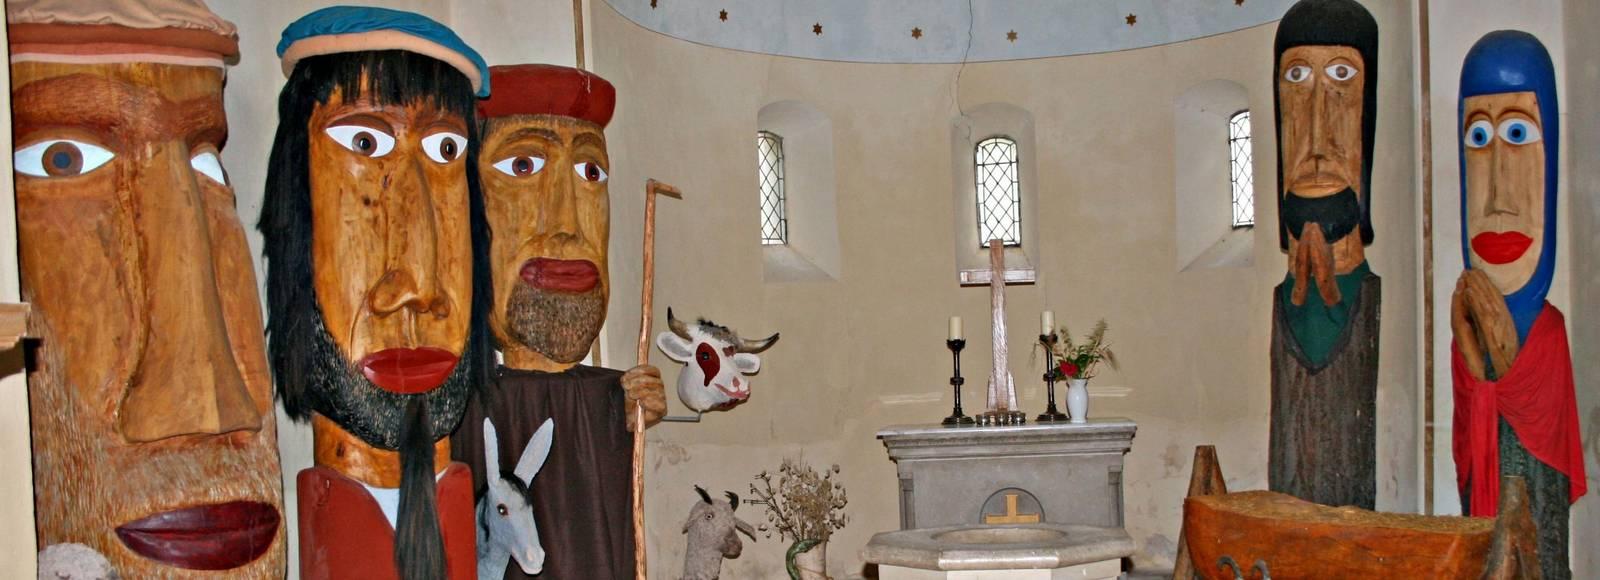 polenzko weihnachtskirche ©Landkreis Anhalt-Bitterfeld